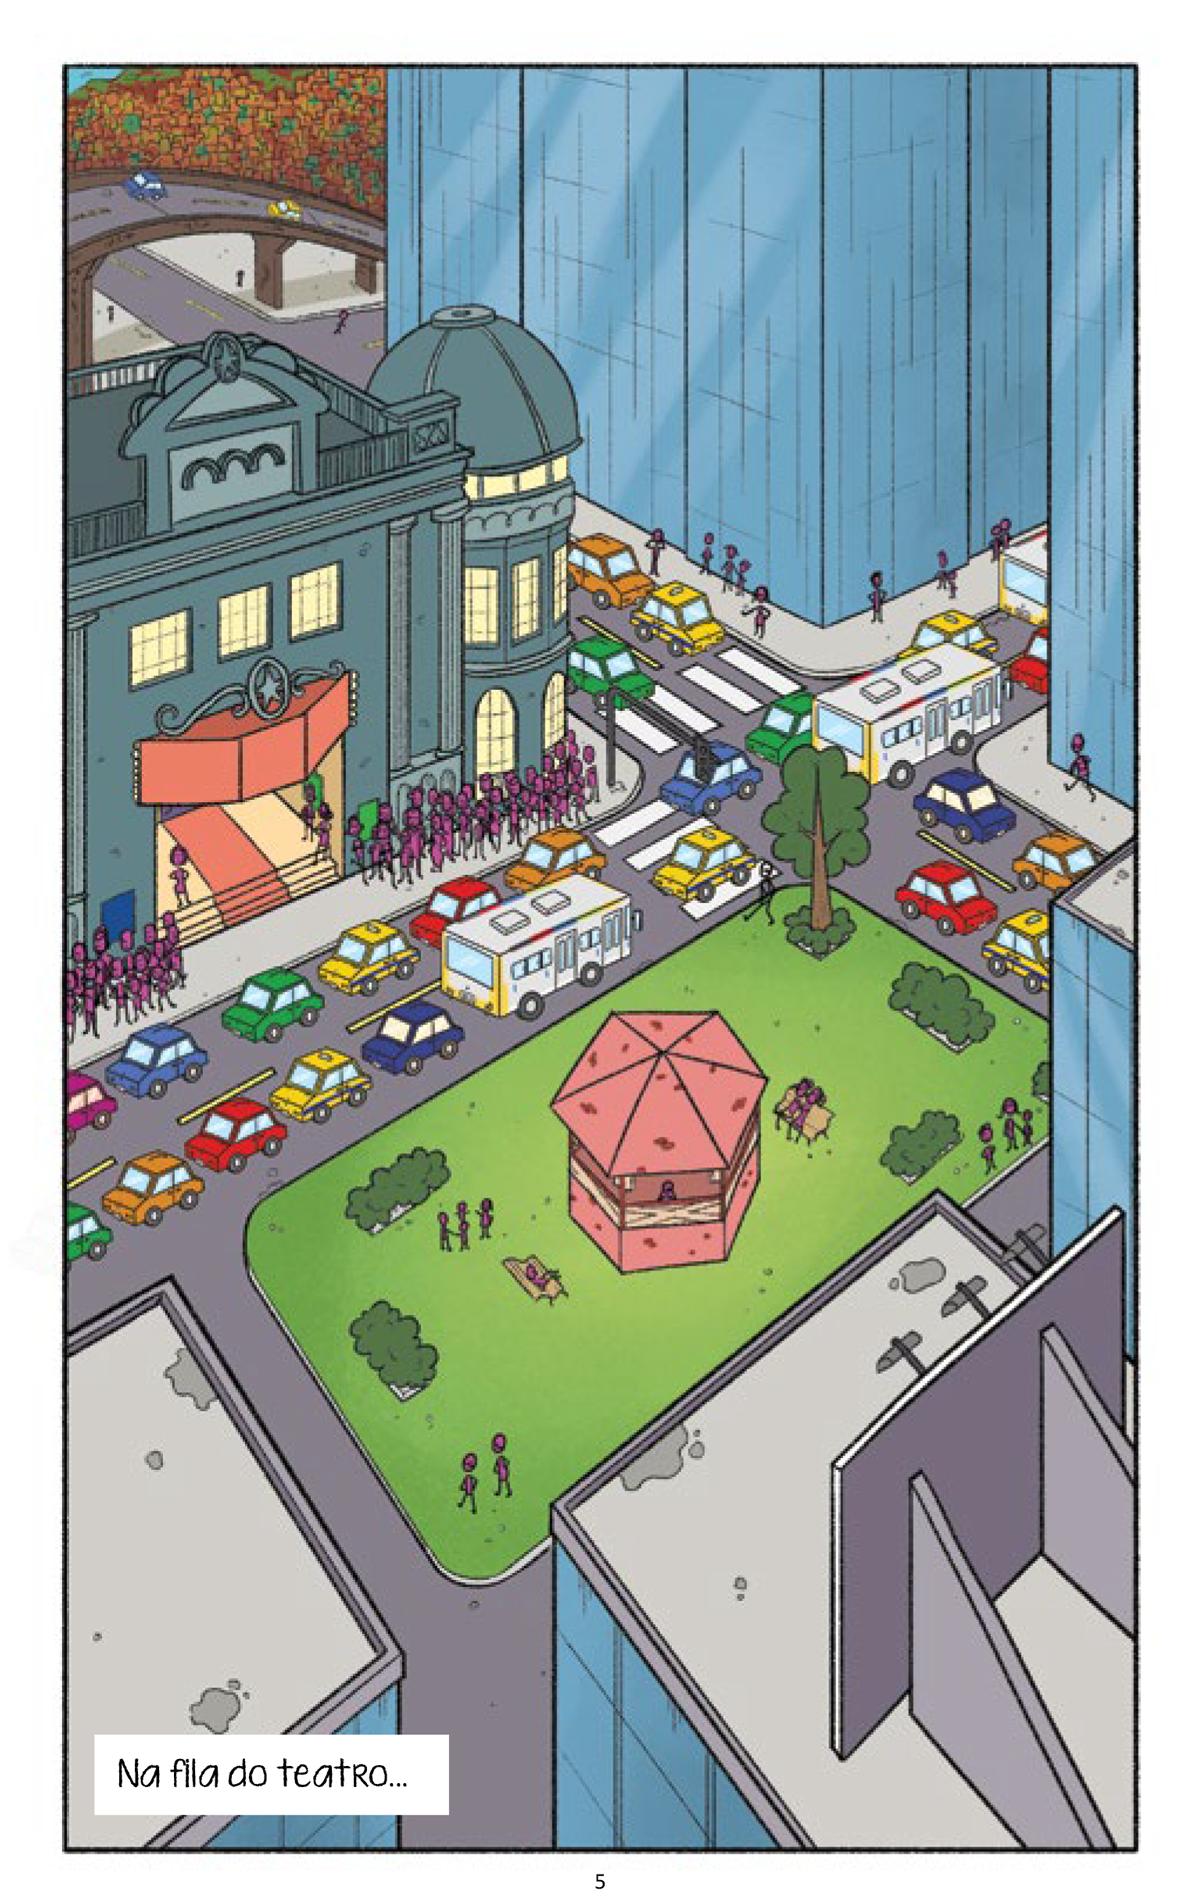 Tirinha com ilustração colorida. Centro da cidade. Muito trânsito, prédios, uma praça ao centro com coreto, com chão de grama e grandes árvores e pessoas passeando. À esquerda longa fila para o teatro